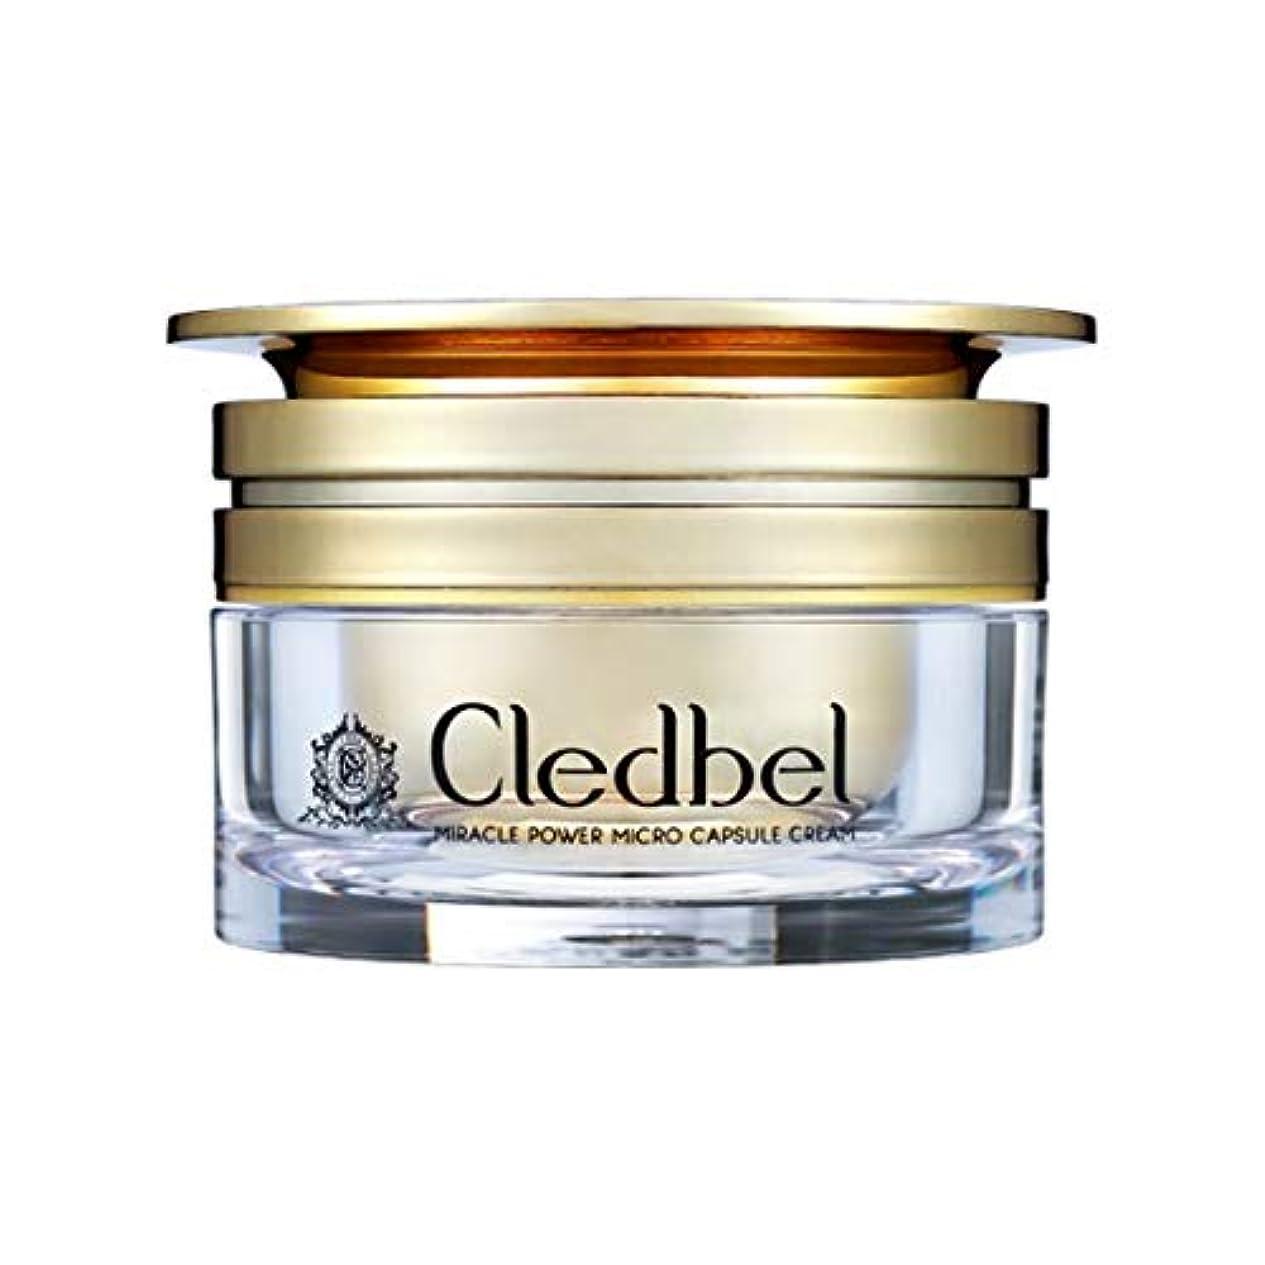 グレード休日に文明[cledbel] Miracle Power Micro Capsule Cream 50ml / ミラクルパワーマイクロカプセルクリーム 50ml [並行輸入品]